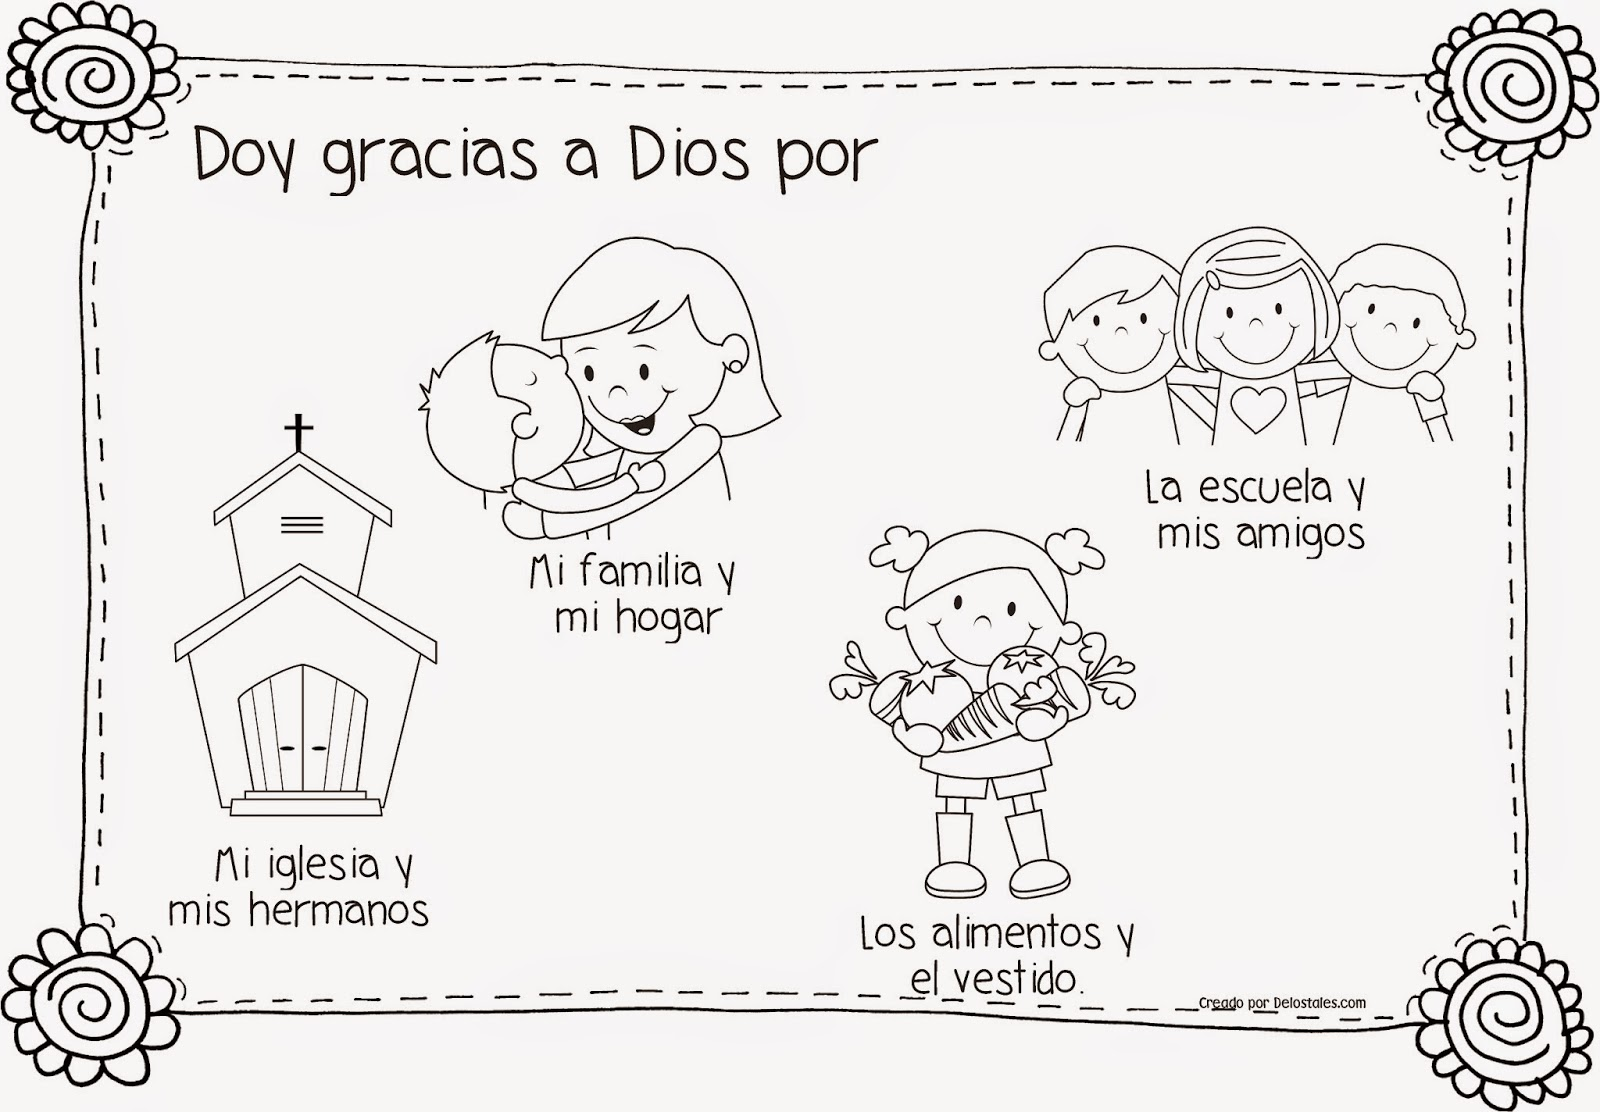 De los tales: Familias agradecidas